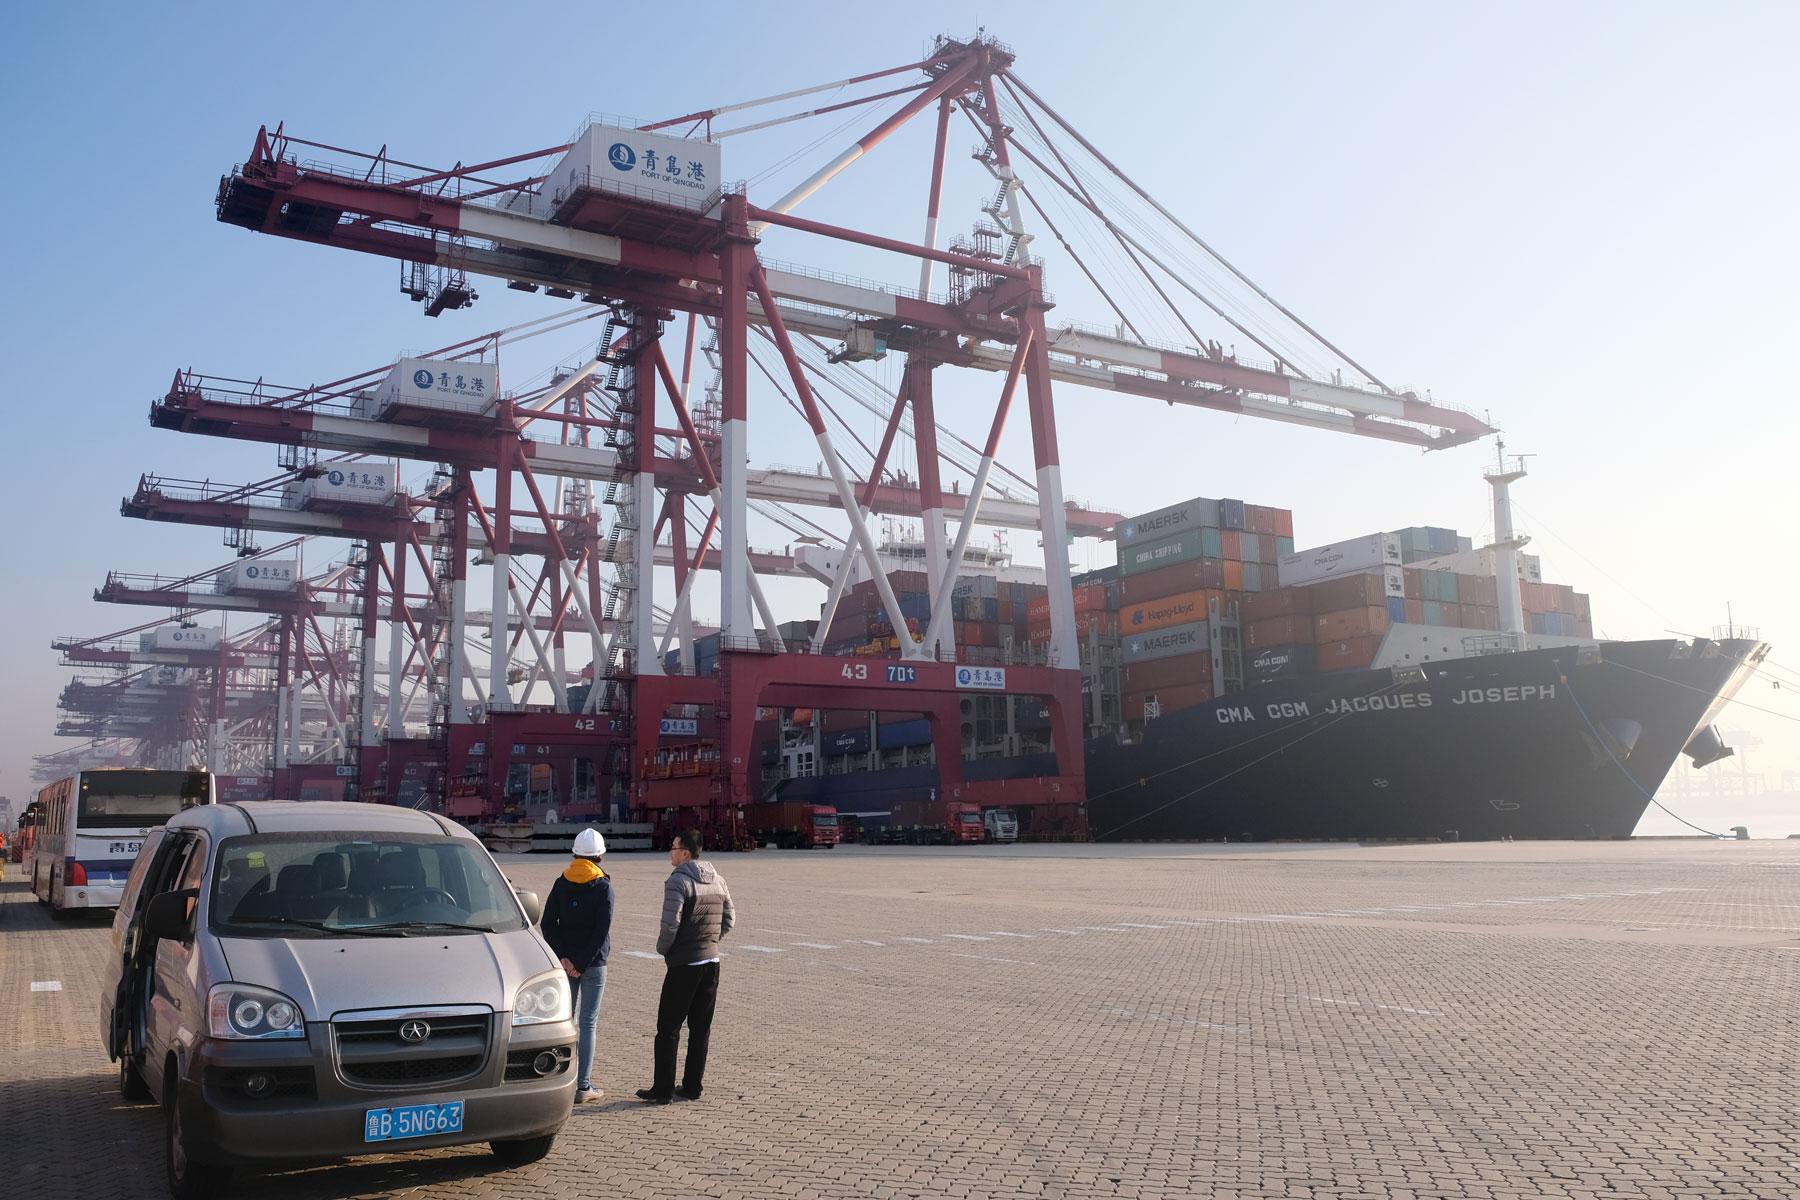 Leo mit einem chinesischen Hafenagent vor dem Frachtschiff CMA CGM Jacques Joseph.